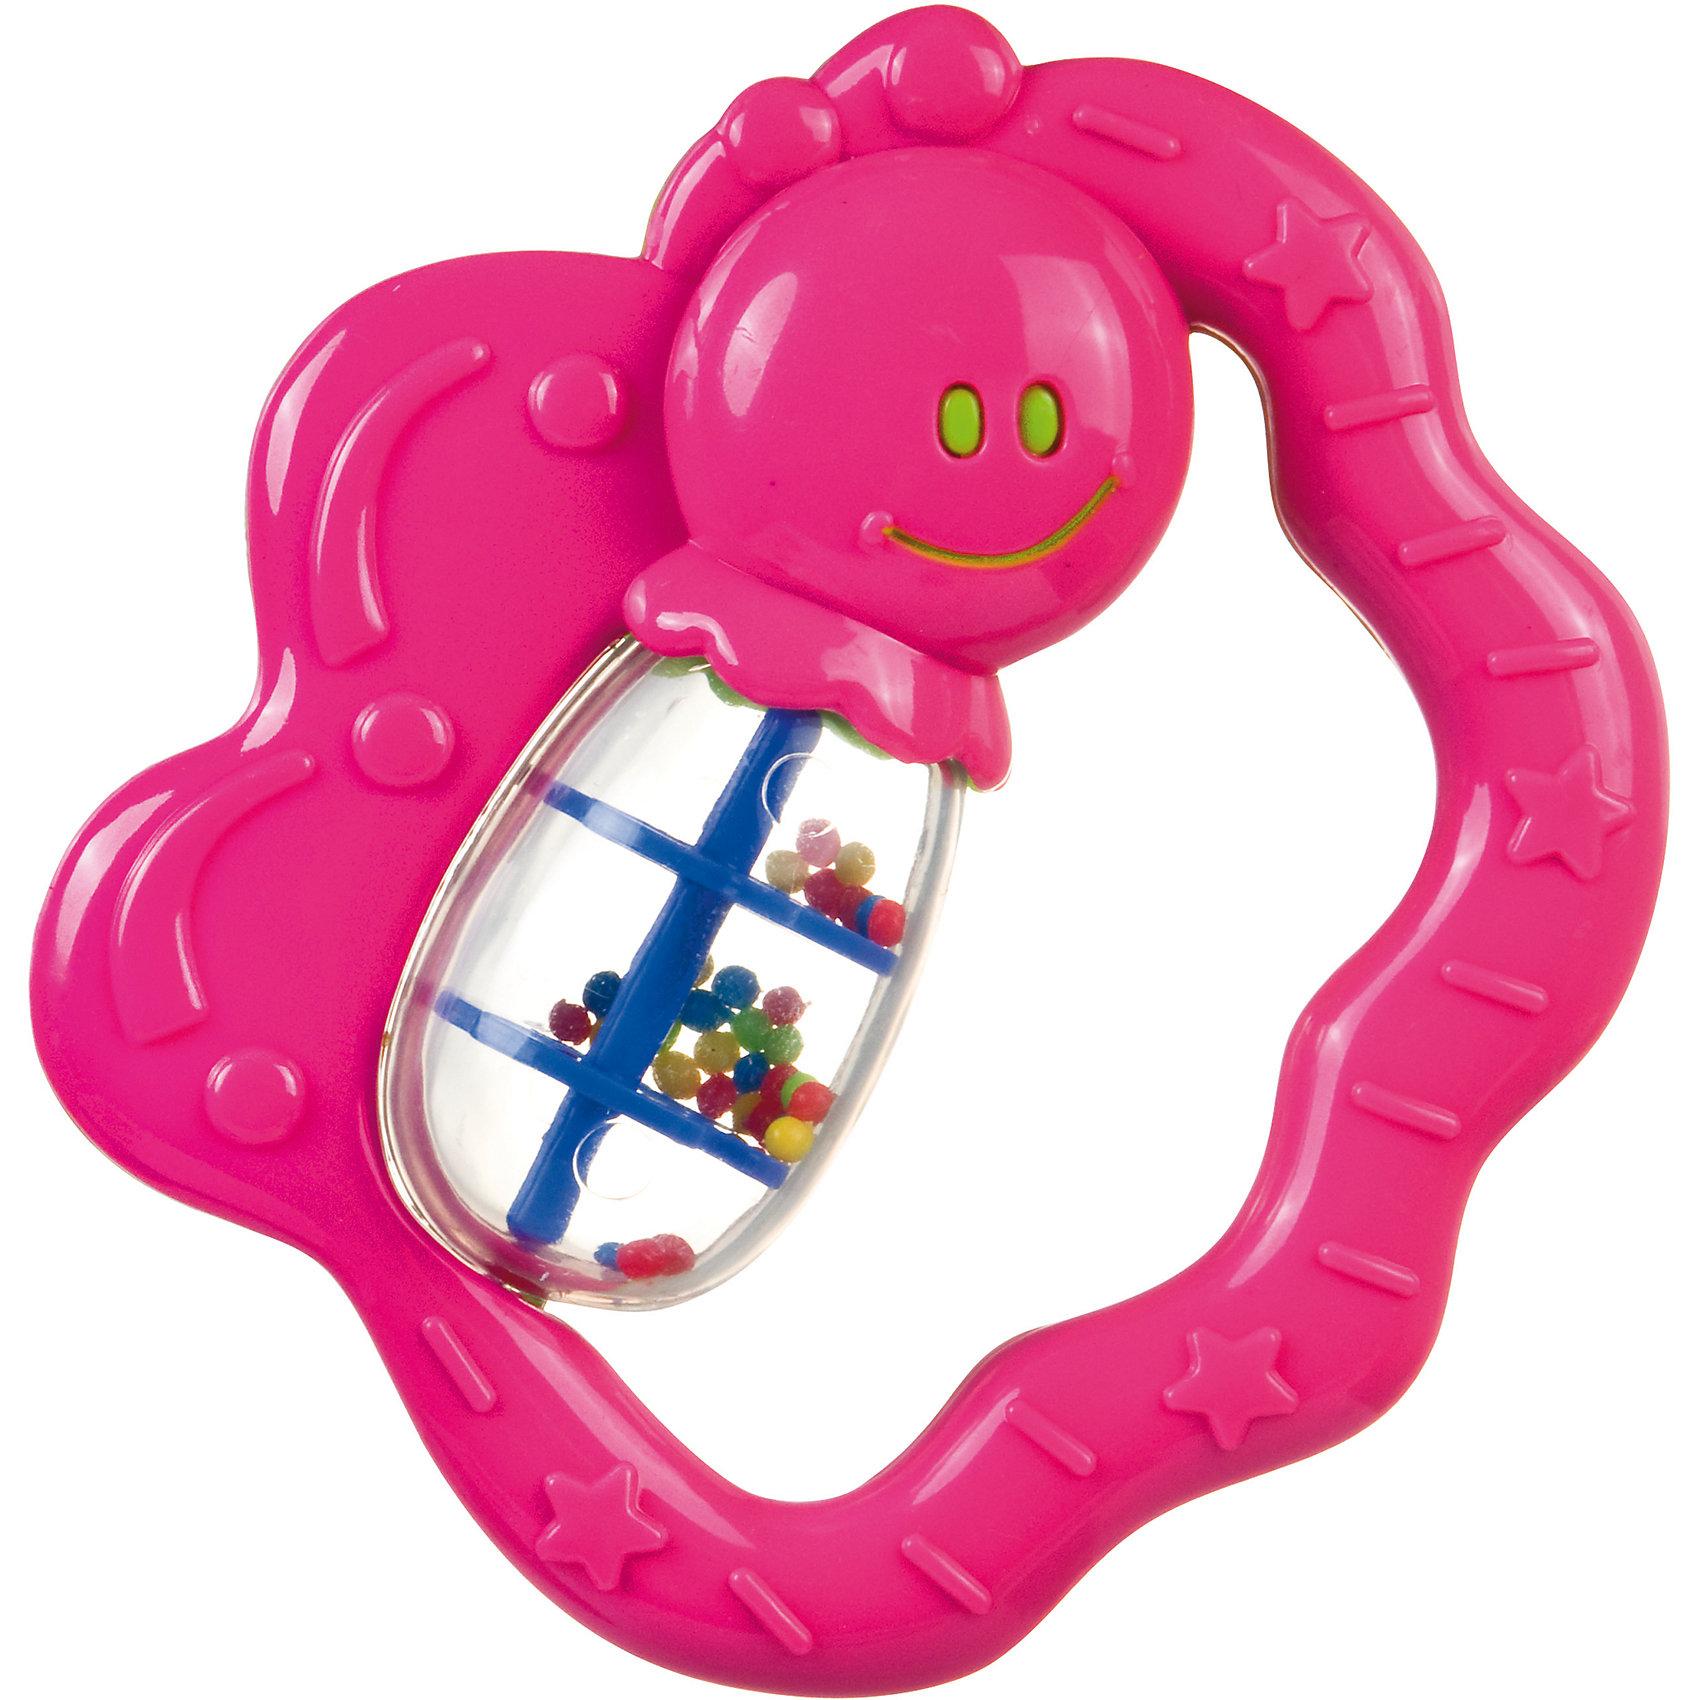 Погремушка Бабочка, 0+, Canpol Babies, розовыйПогремушки<br>Погремушка Бабочка, 0+, Canpol Babies ( Канпол Бейбис), розовый<br>Характеристики:<br>• Материал:  пластик.<br>• Цвет: розовый.<br><br>Погремушка Бабочка, 0+, Canpol Babies ( Канпол Бейбис), розовый —  яркая и легкая игрушка, которую удобно держать в крошечных ручках. Она  сделана в форме забавной бабочки из высококачественного пластика, который совершенно безопасен для здоровья вашего малыша! Карапузу будет удобно держать игрушку у себя в ручке! Играя с этой погремушкой, ребенок будет развивать моторику рук, тактильное и звуковое восприятие.<br><br>Погремушку Бабочка, 0+, Canpol Babies ( Канпол Бейбис), розовый можно купить в нашем интернет – магазине.<br><br>Ширина мм: 145<br>Глубина мм: 15<br>Высота мм: 200<br>Вес г: 400<br>Возраст от месяцев: 0<br>Возраст до месяцев: 18<br>Пол: Женский<br>Возраст: Детский<br>SKU: 5156766